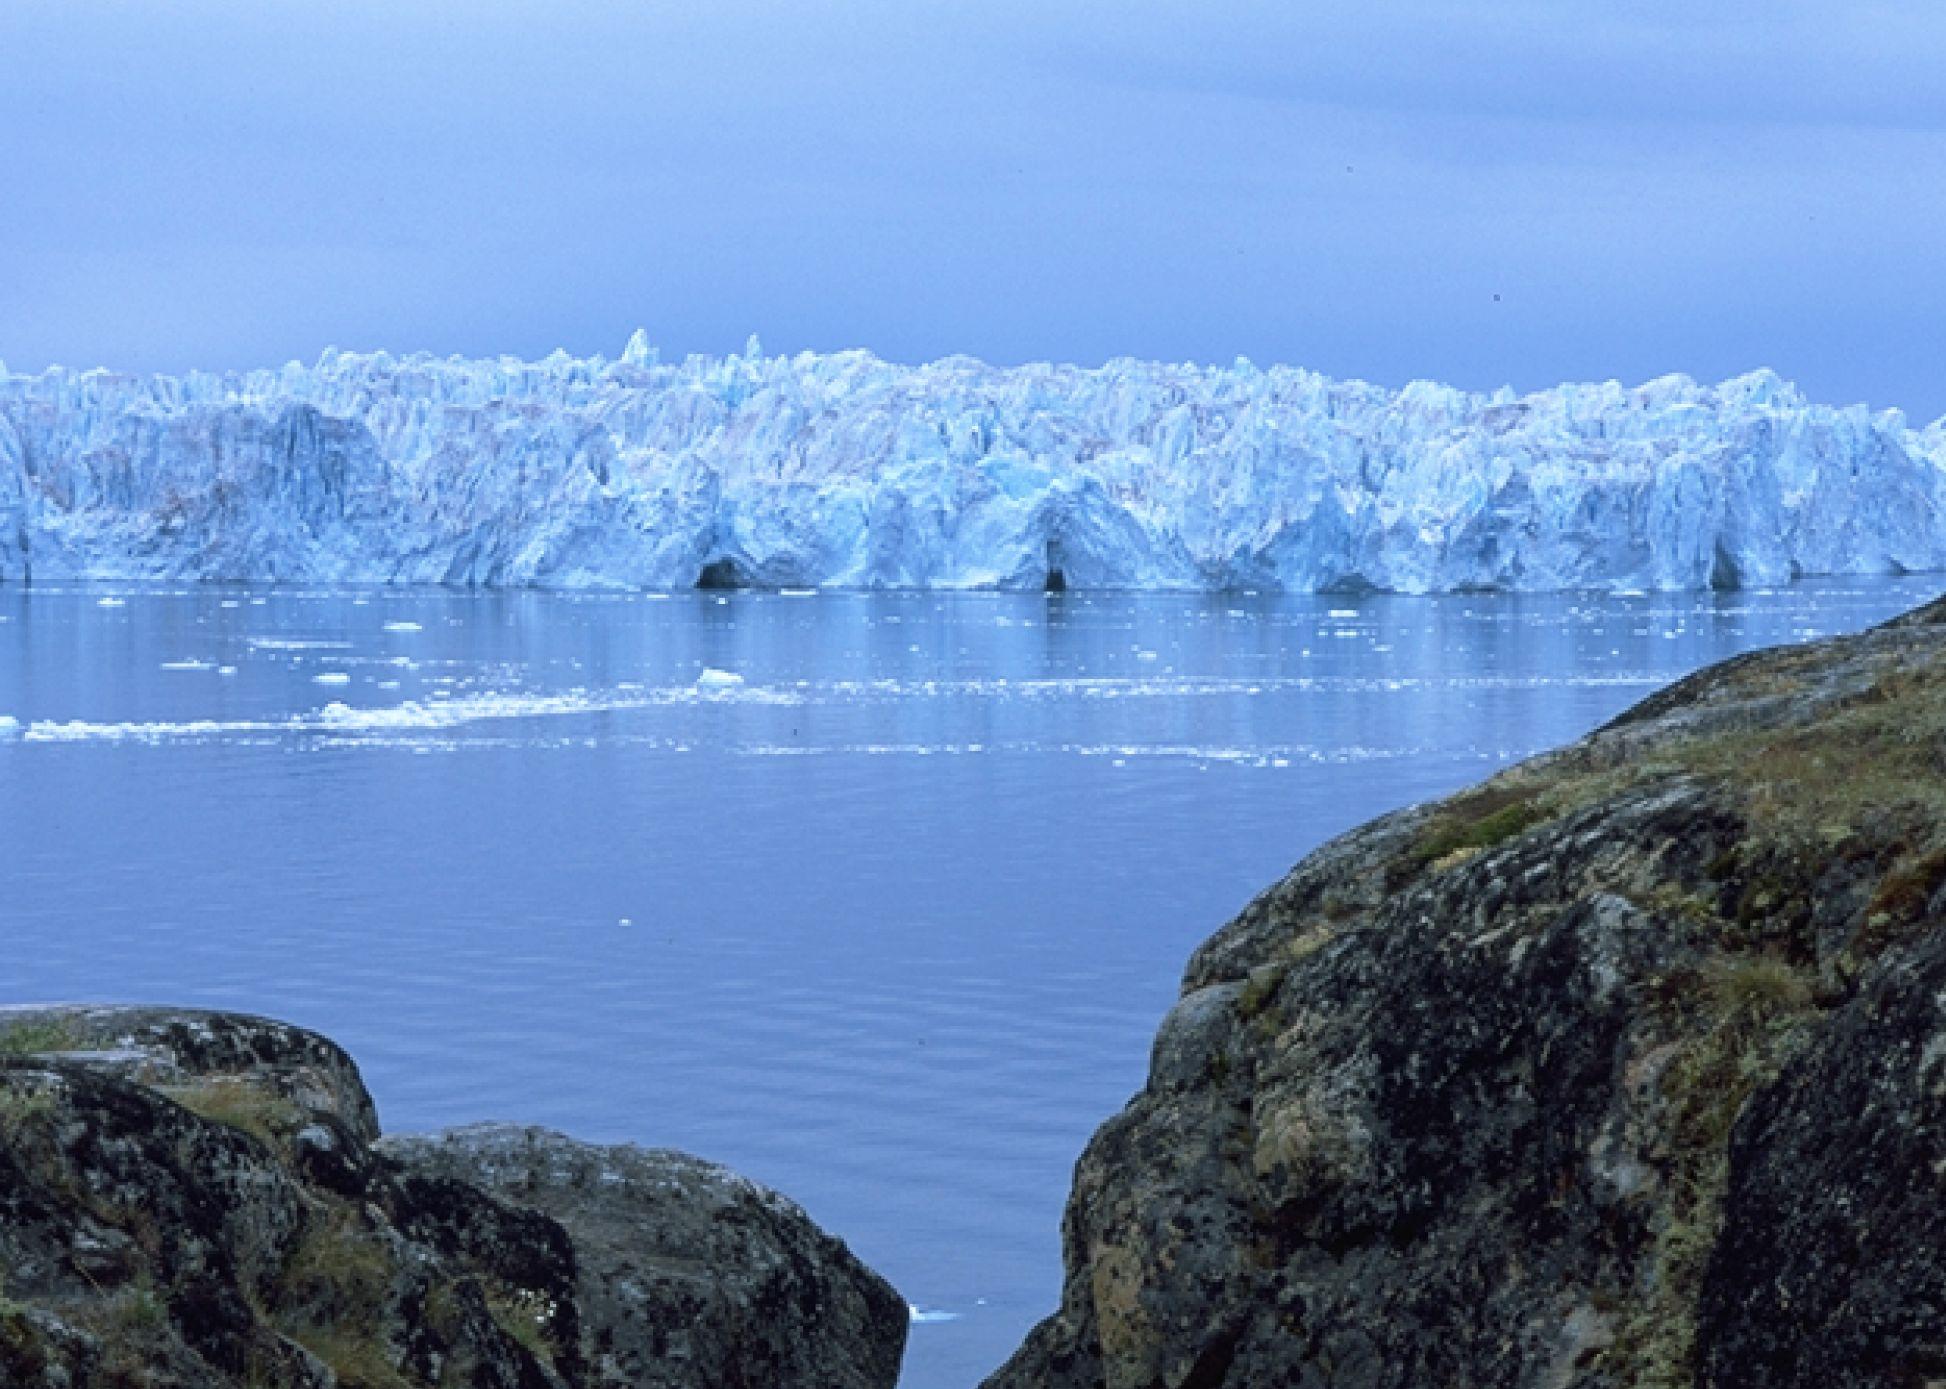 Краса побережжя. Ця фотографія старої частинии Нуука, розташованого на західному побережжі, нагадує архітектуру в європейському стилі, що зустрічається в цьому районі. Фото: Greenland Tourism /Manfred Horender